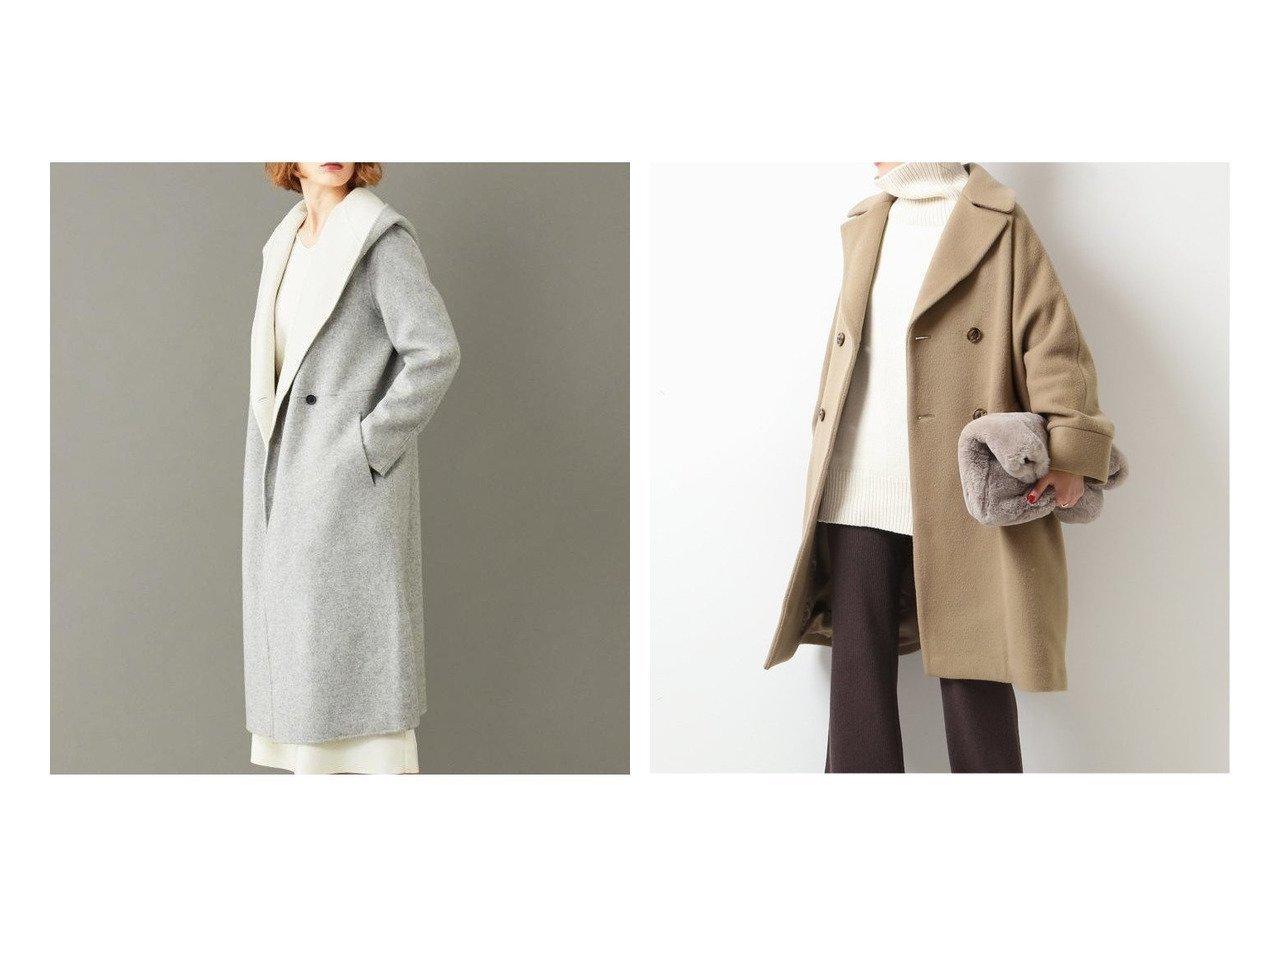 【Spick & Span/スピック&スパン】の【TICCA】テントコート&【BEIGE,/ベイジ,】の2WAYリバーコート アウターのおすすめ!人気、レディースファッションの通販  おすすめで人気のファッション通販商品 インテリア・家具・キッズファッション・メンズファッション・レディースファッション・服の通販 founy(ファニー) https://founy.com/ ファッション Fashion レディース WOMEN アウター Coat Outerwear コート Coats シンプル スマート パターン A/W 秋冬 Autumn &  Winter 人気 定番 |ID:crp329100000004187